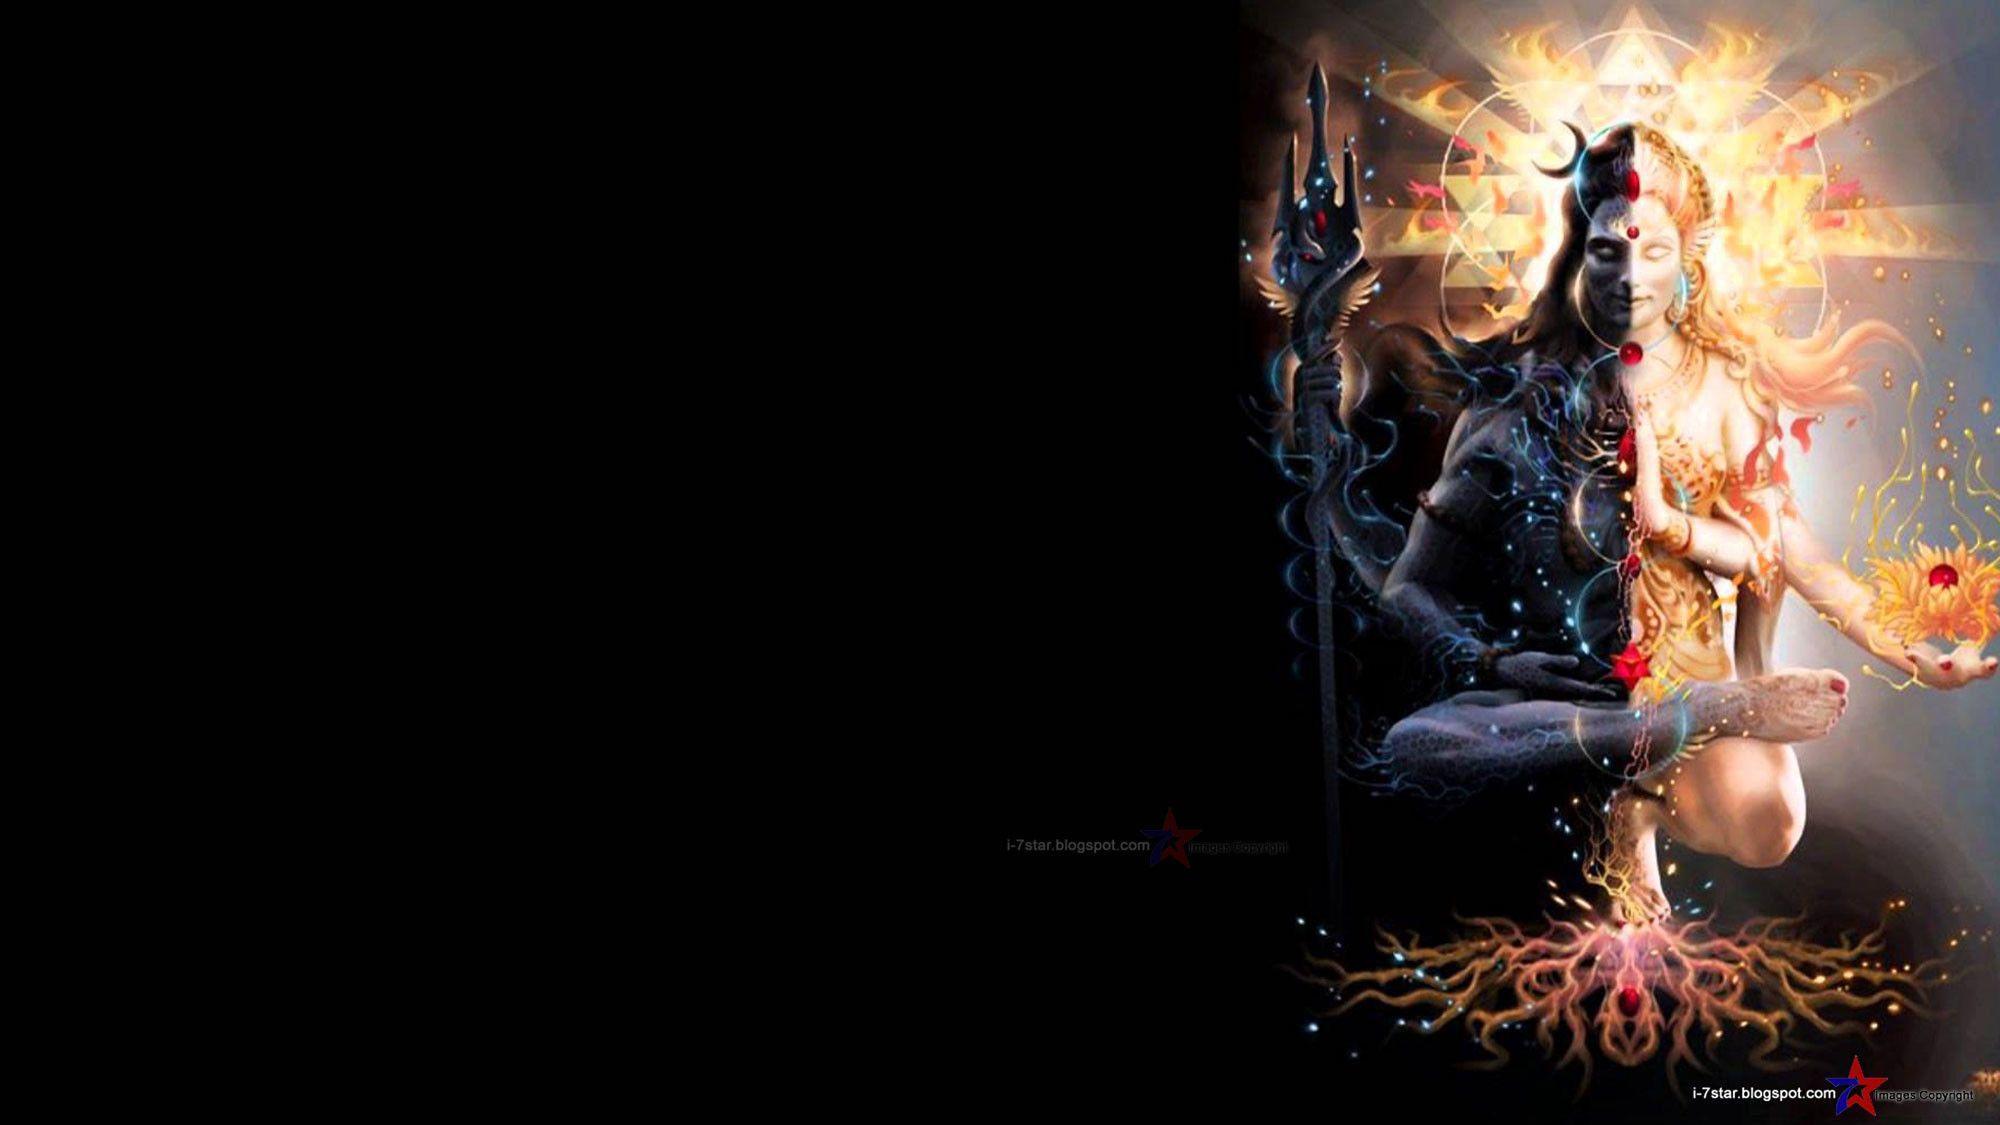 2000x1125 Chúa Shiva hình nền